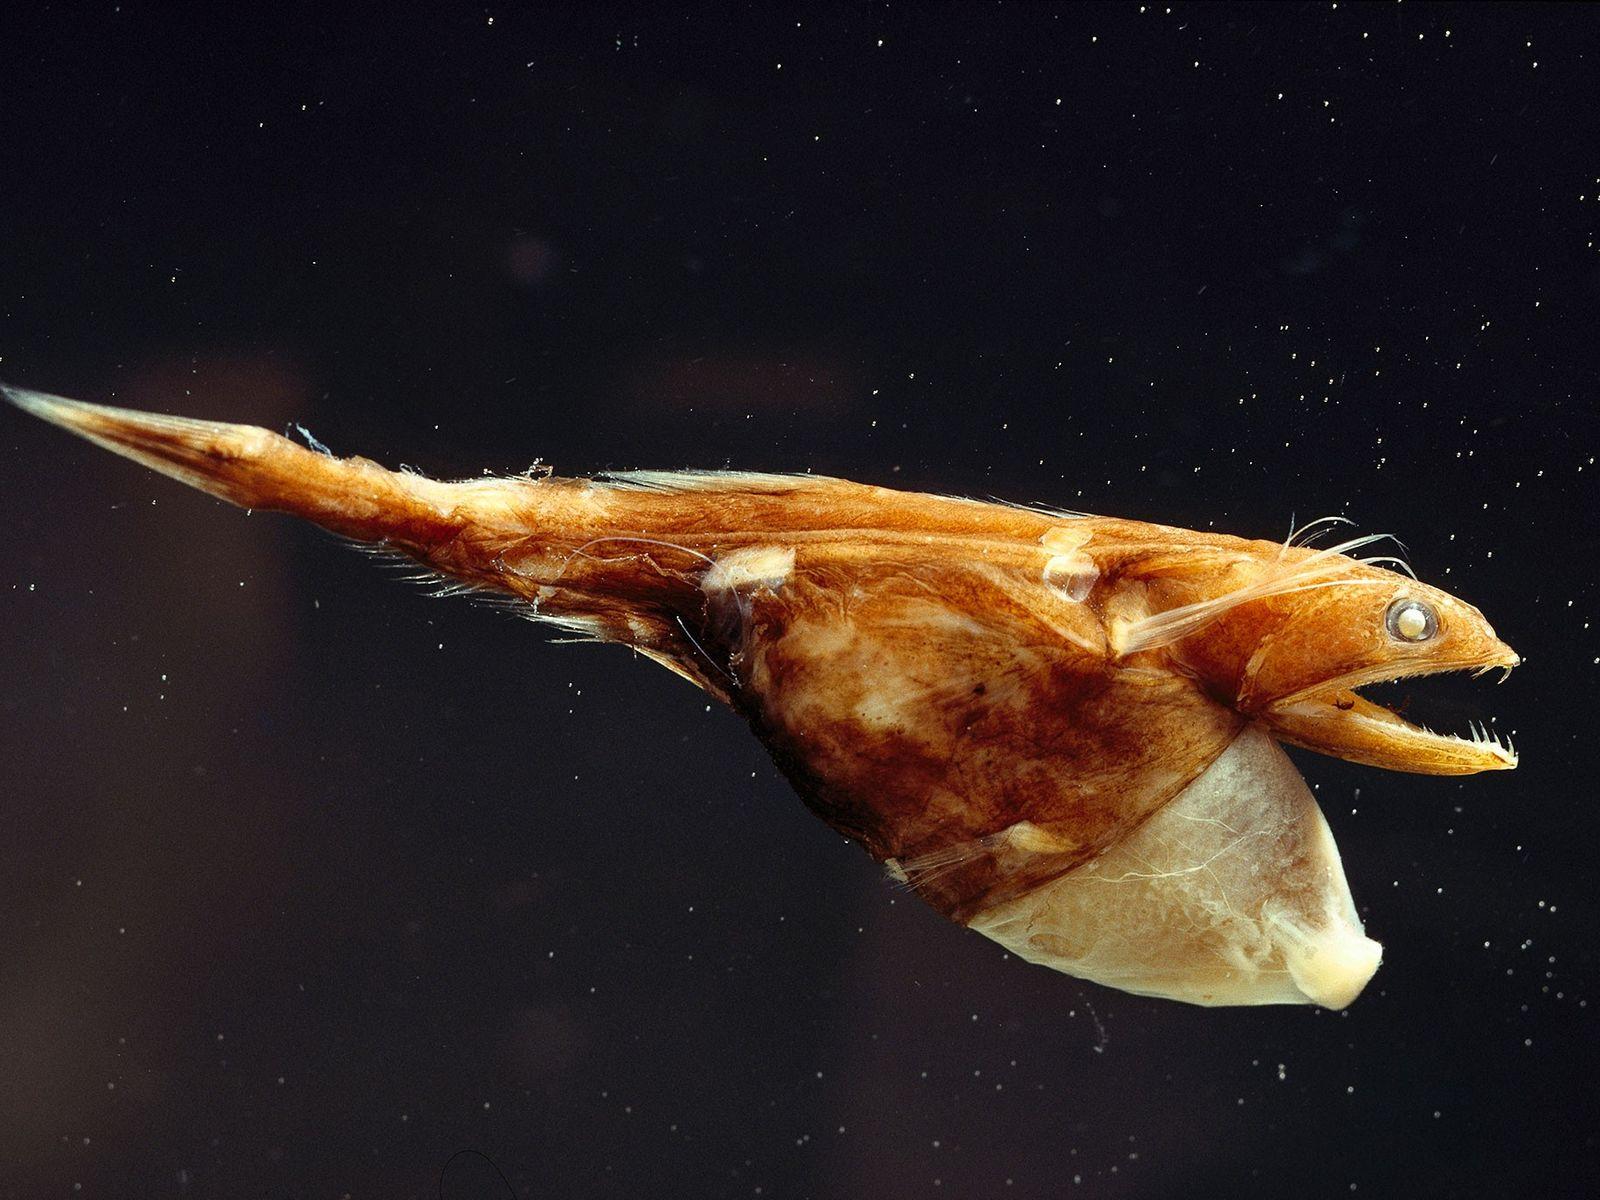 O engolidor-negro devora refeições gigantescas porque os alimentos são escassos no fundo do oceano.